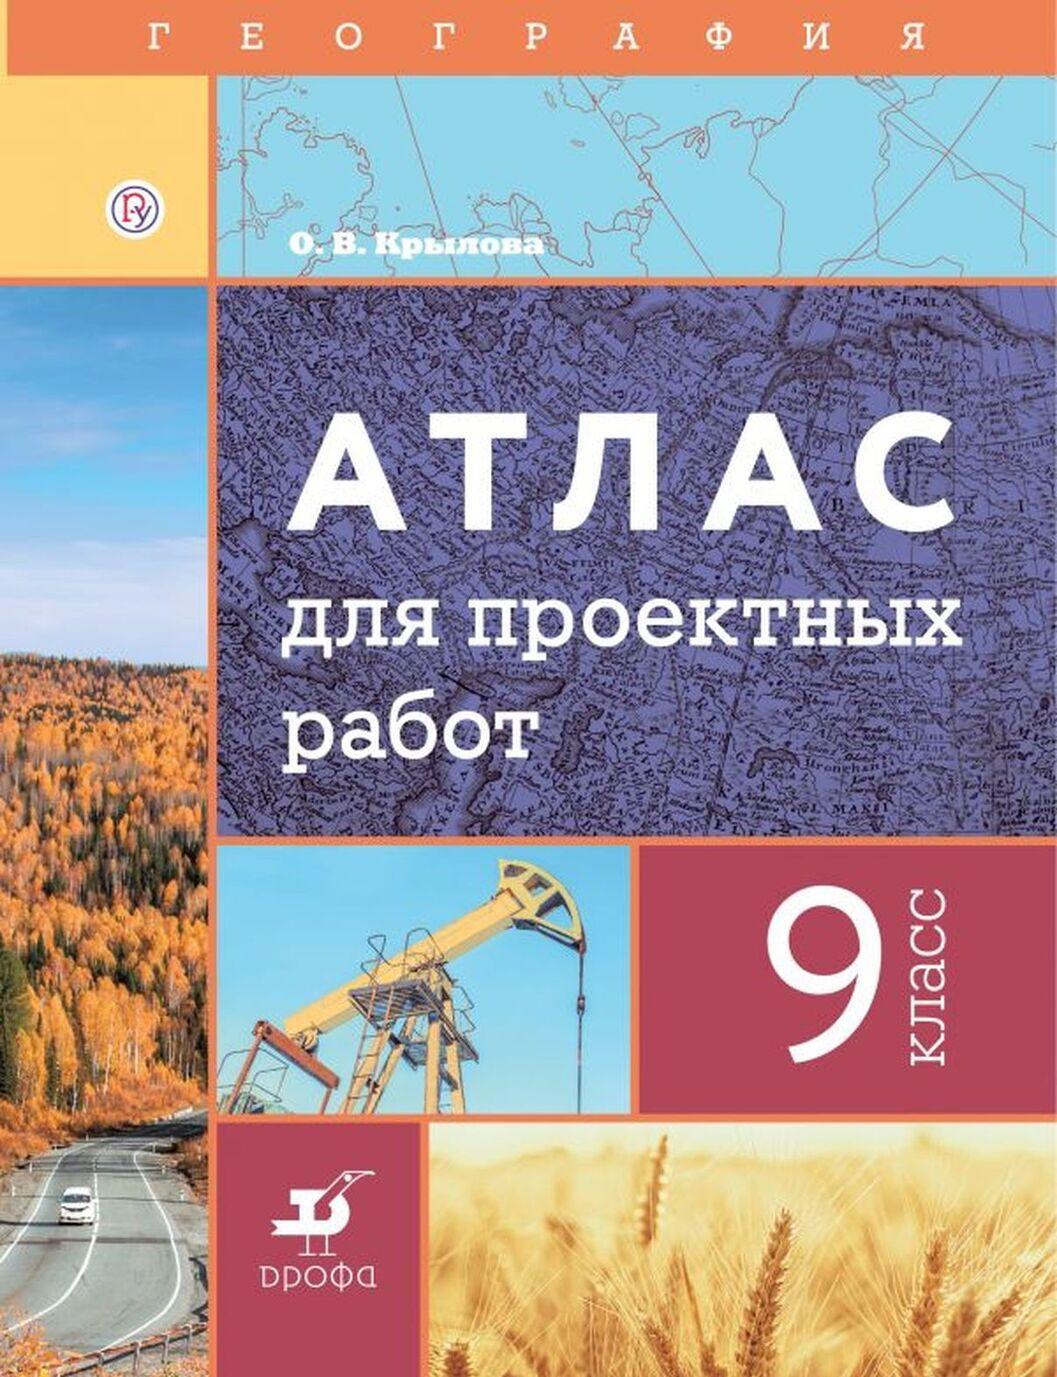 Geografija. 9 klass. Atlas dlja proektnykh rabot | Krylova Olga Vadimovna